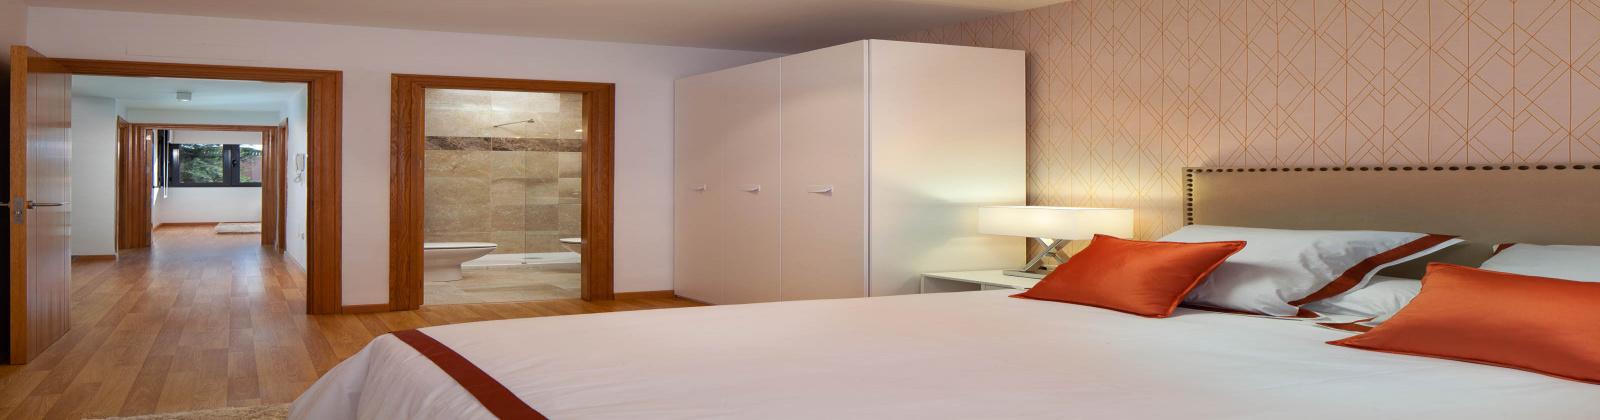 Avenida Médico Francisco Pérez Company 12, Almería, Almería 04009, 4 Habitaciones Habitaciones, ,2 BathroomsBathrooms,Viviendas,En venta,Vergeles de Villablanca V,Avenida Médico Francisco Pérez Company,1028